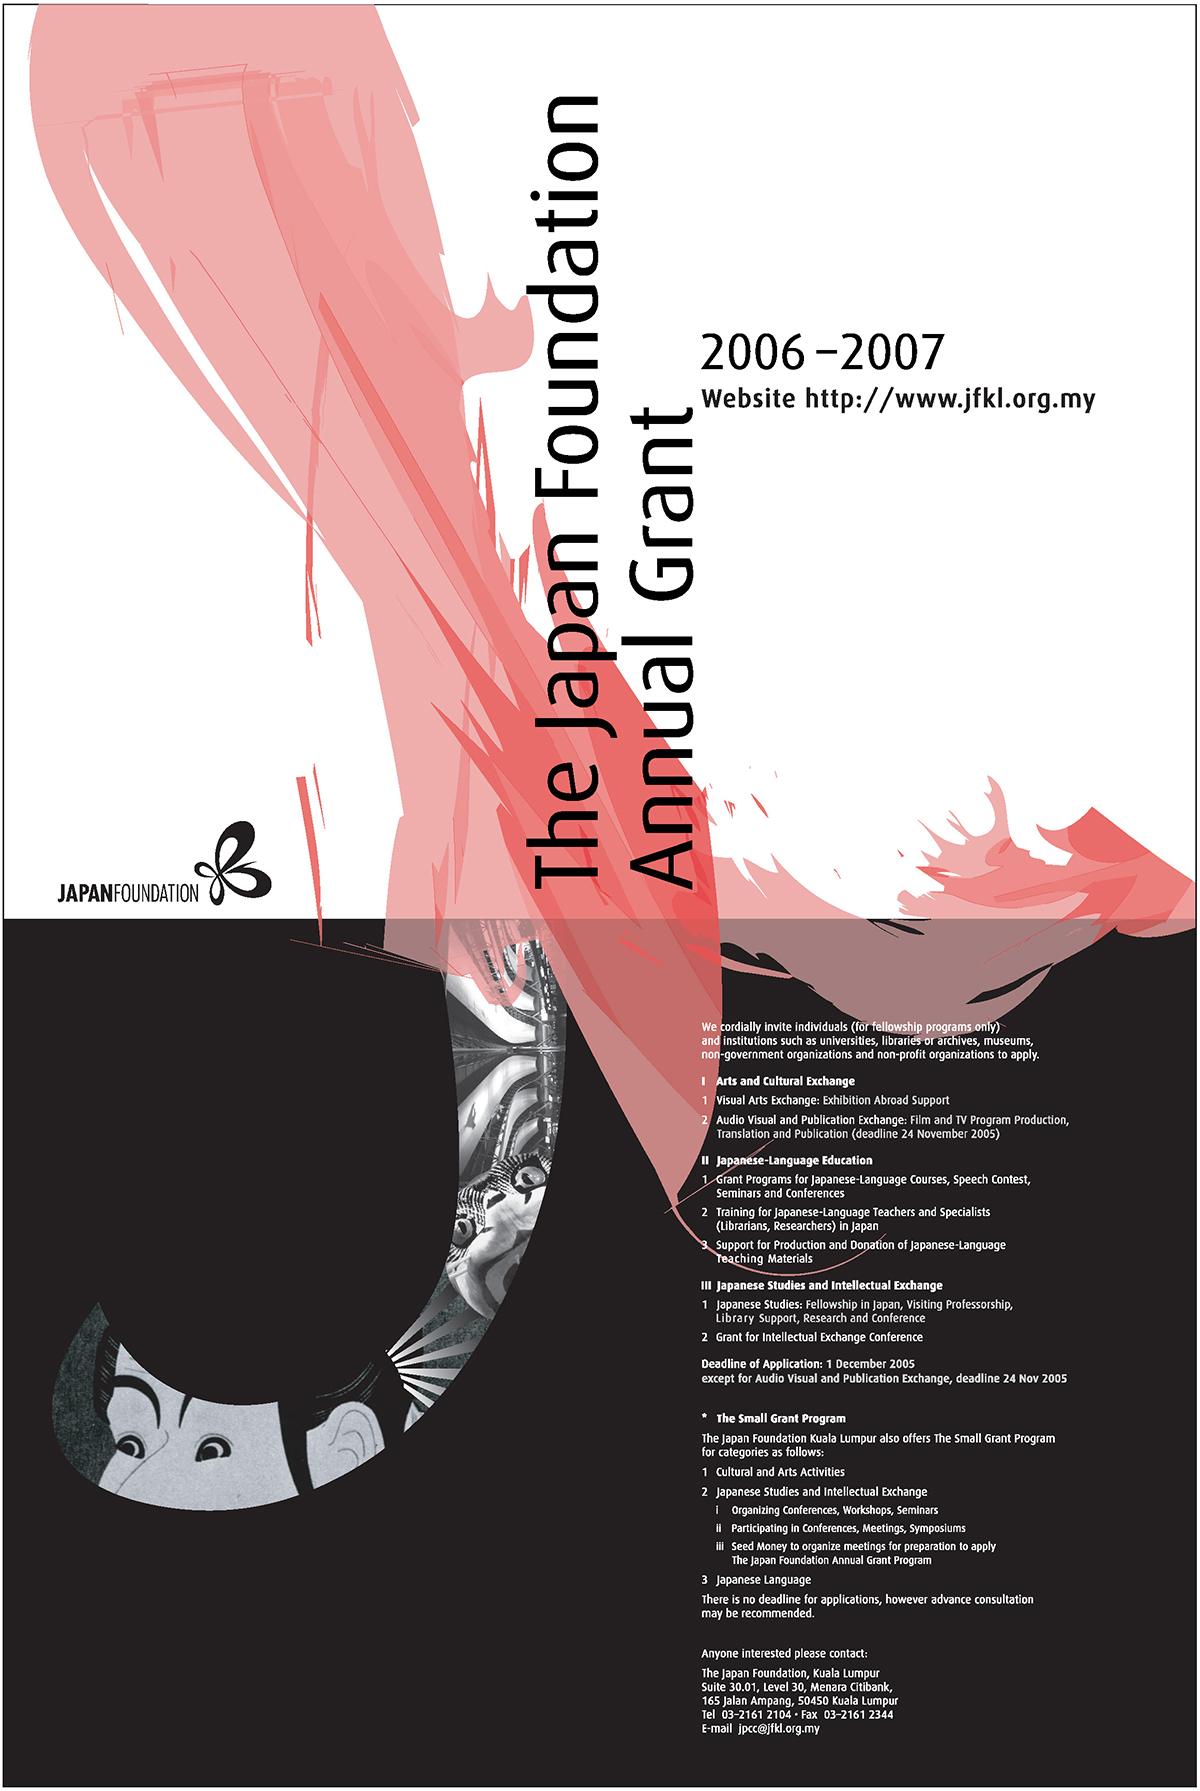 whwWeb_Japan_Poster_Annual Grant.jpg